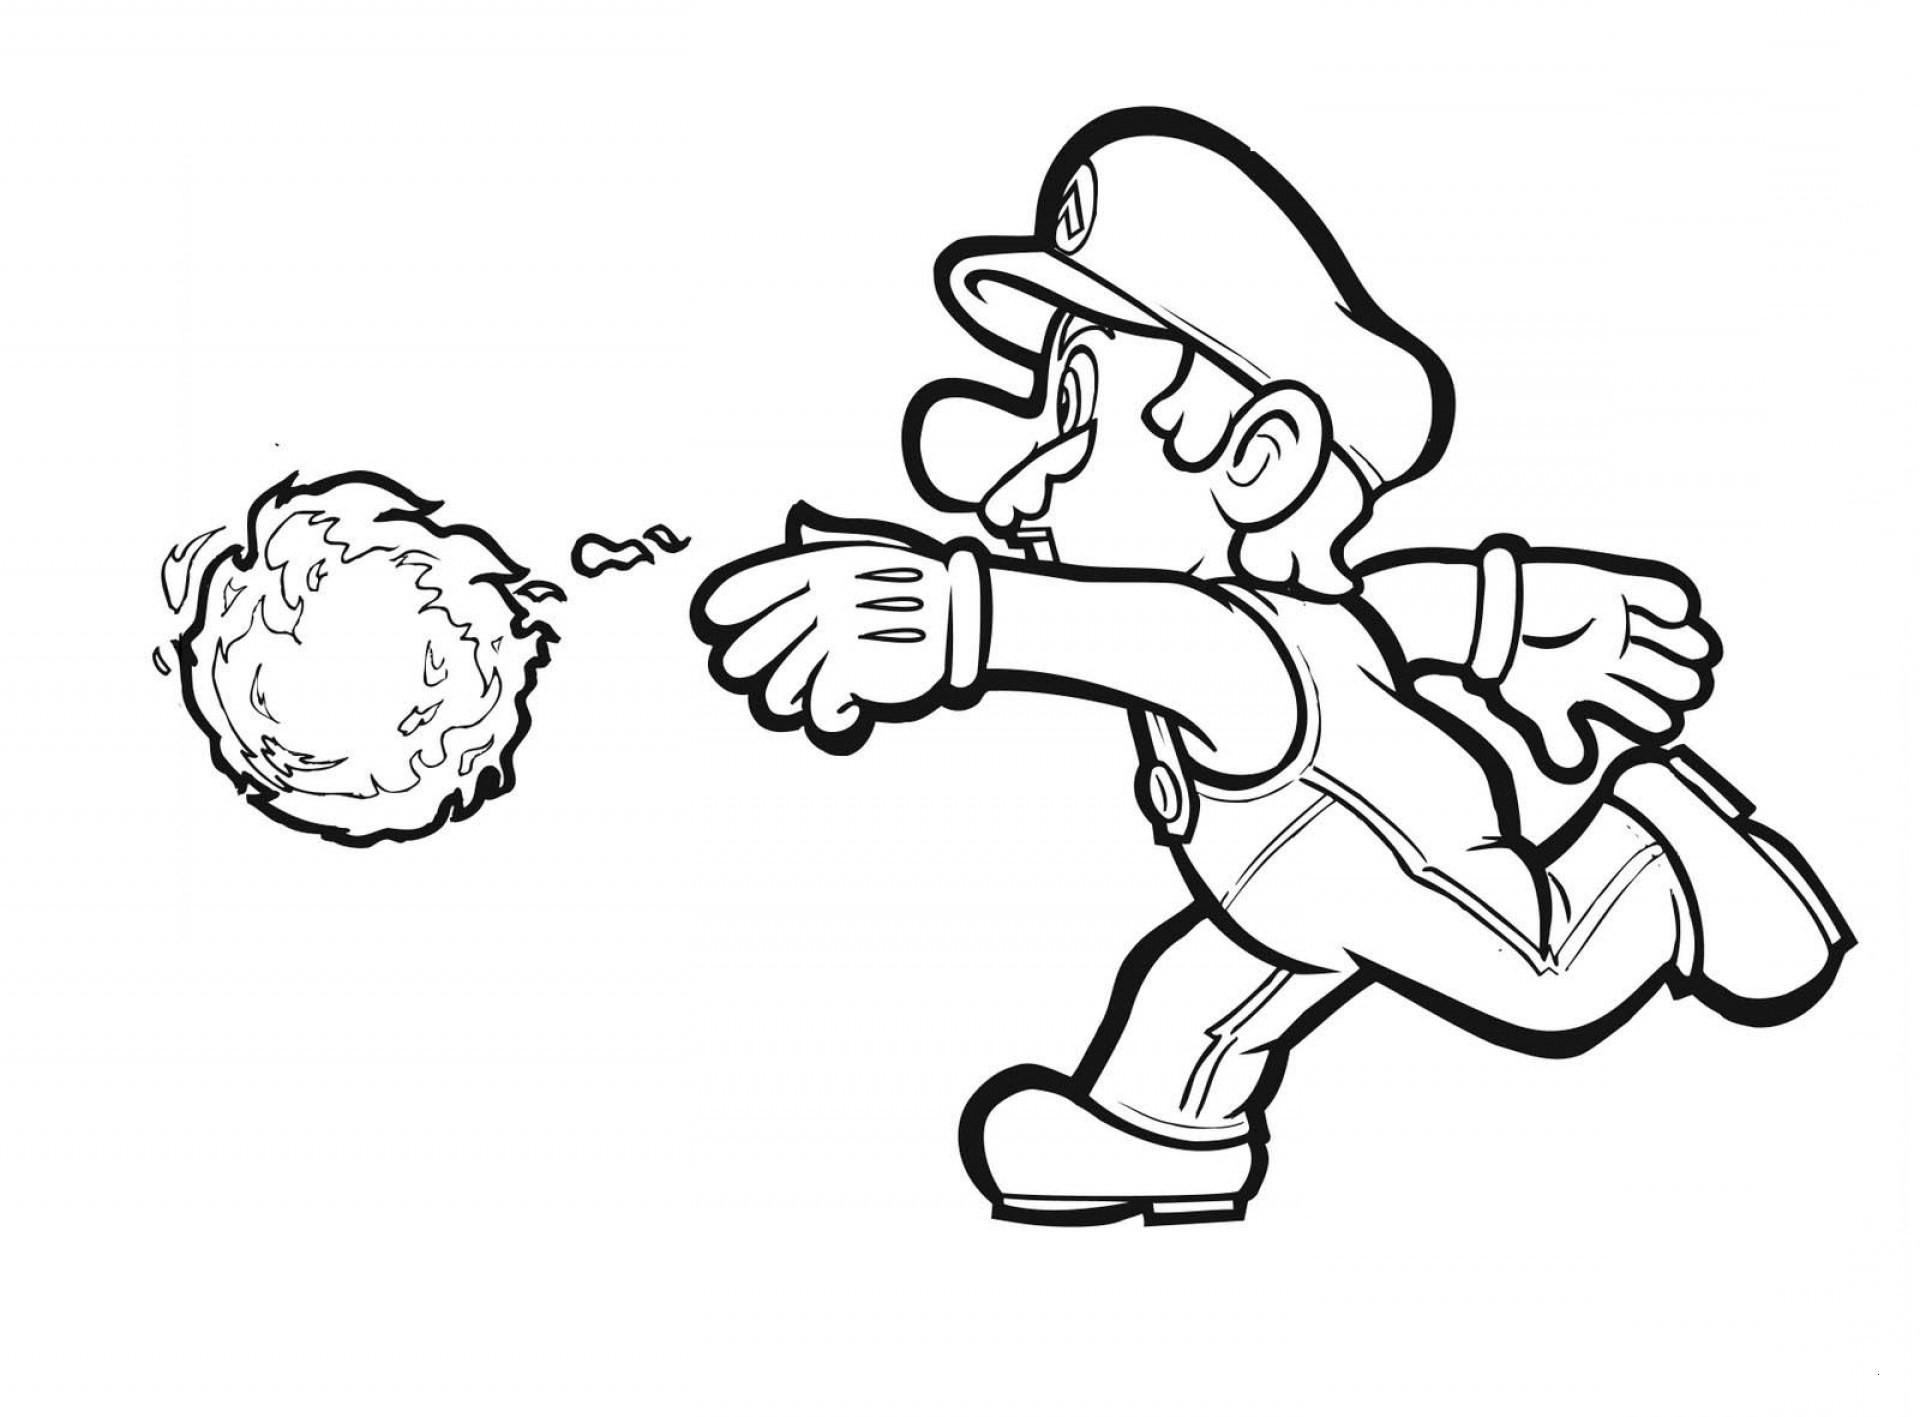 Mario Kart Ausmalbilder Das Beste Von 29 Einzigartig Ausmalbilder Mario – Malvorlagen Ideen Das Bild